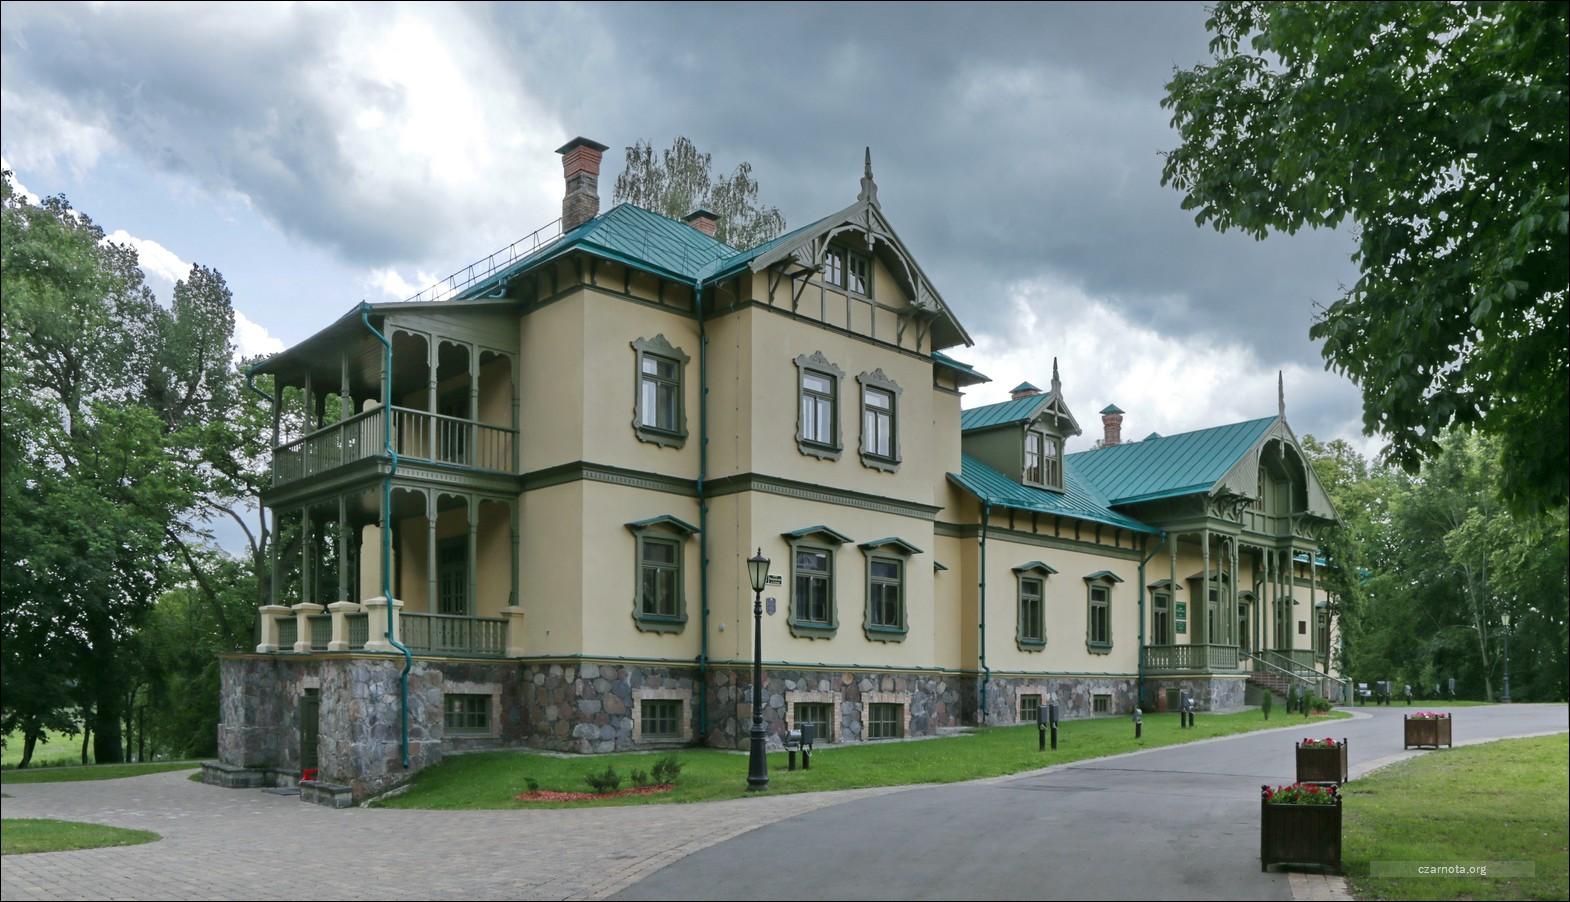 Minsk, Belarus, Mińsk, Białoruś, Park Łoszycki, Kaplica Pruszyńskich, Dwór Lubańskich w Łoszyce